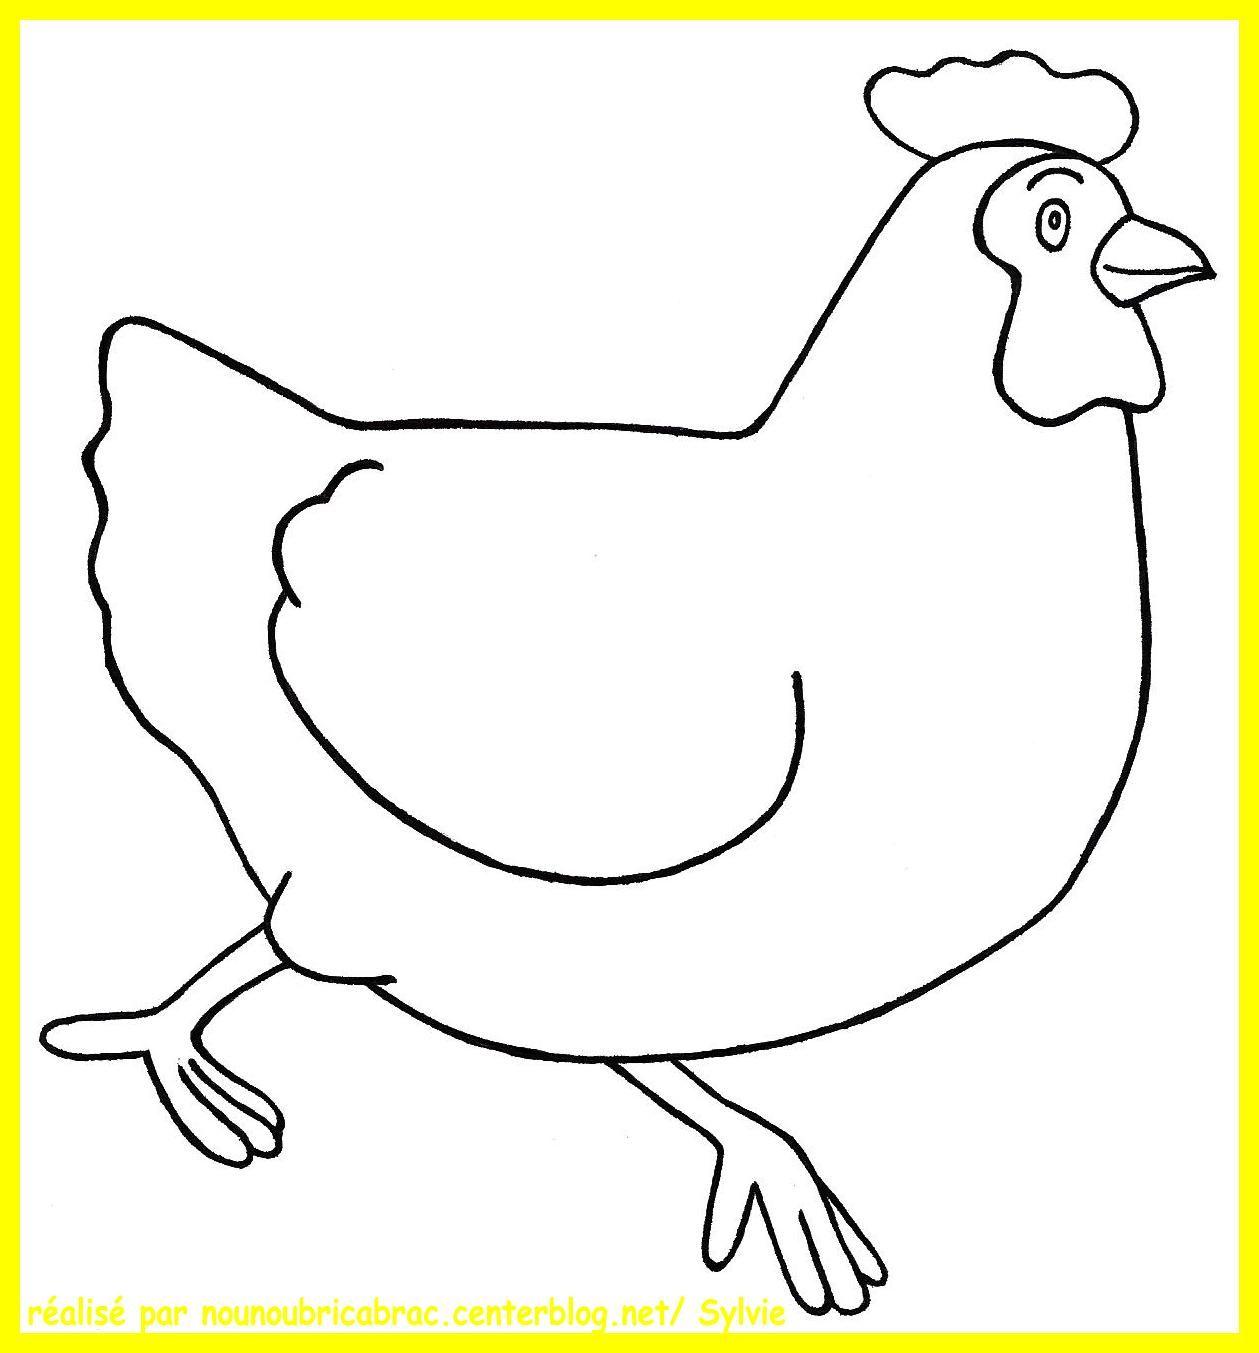 Coloriage poule colorier dessin imprimer paques pinterest colorier poule et coloriage - Dessin de paques facile ...